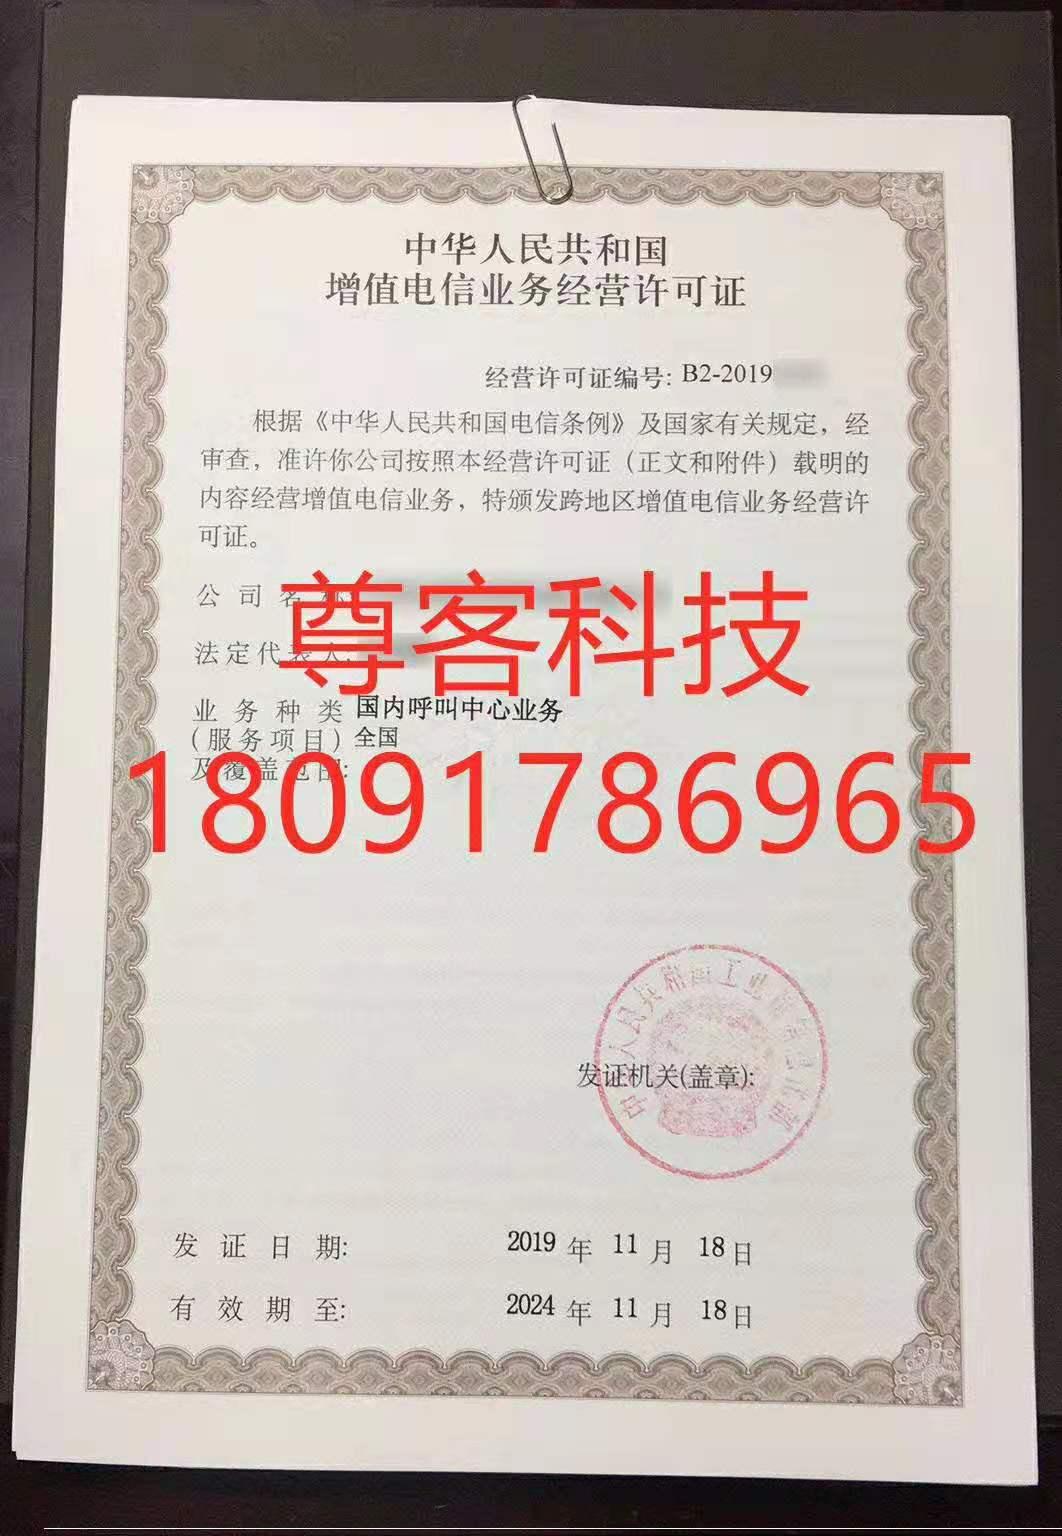 国内呼叫中心业务增值电信业务经营许可证